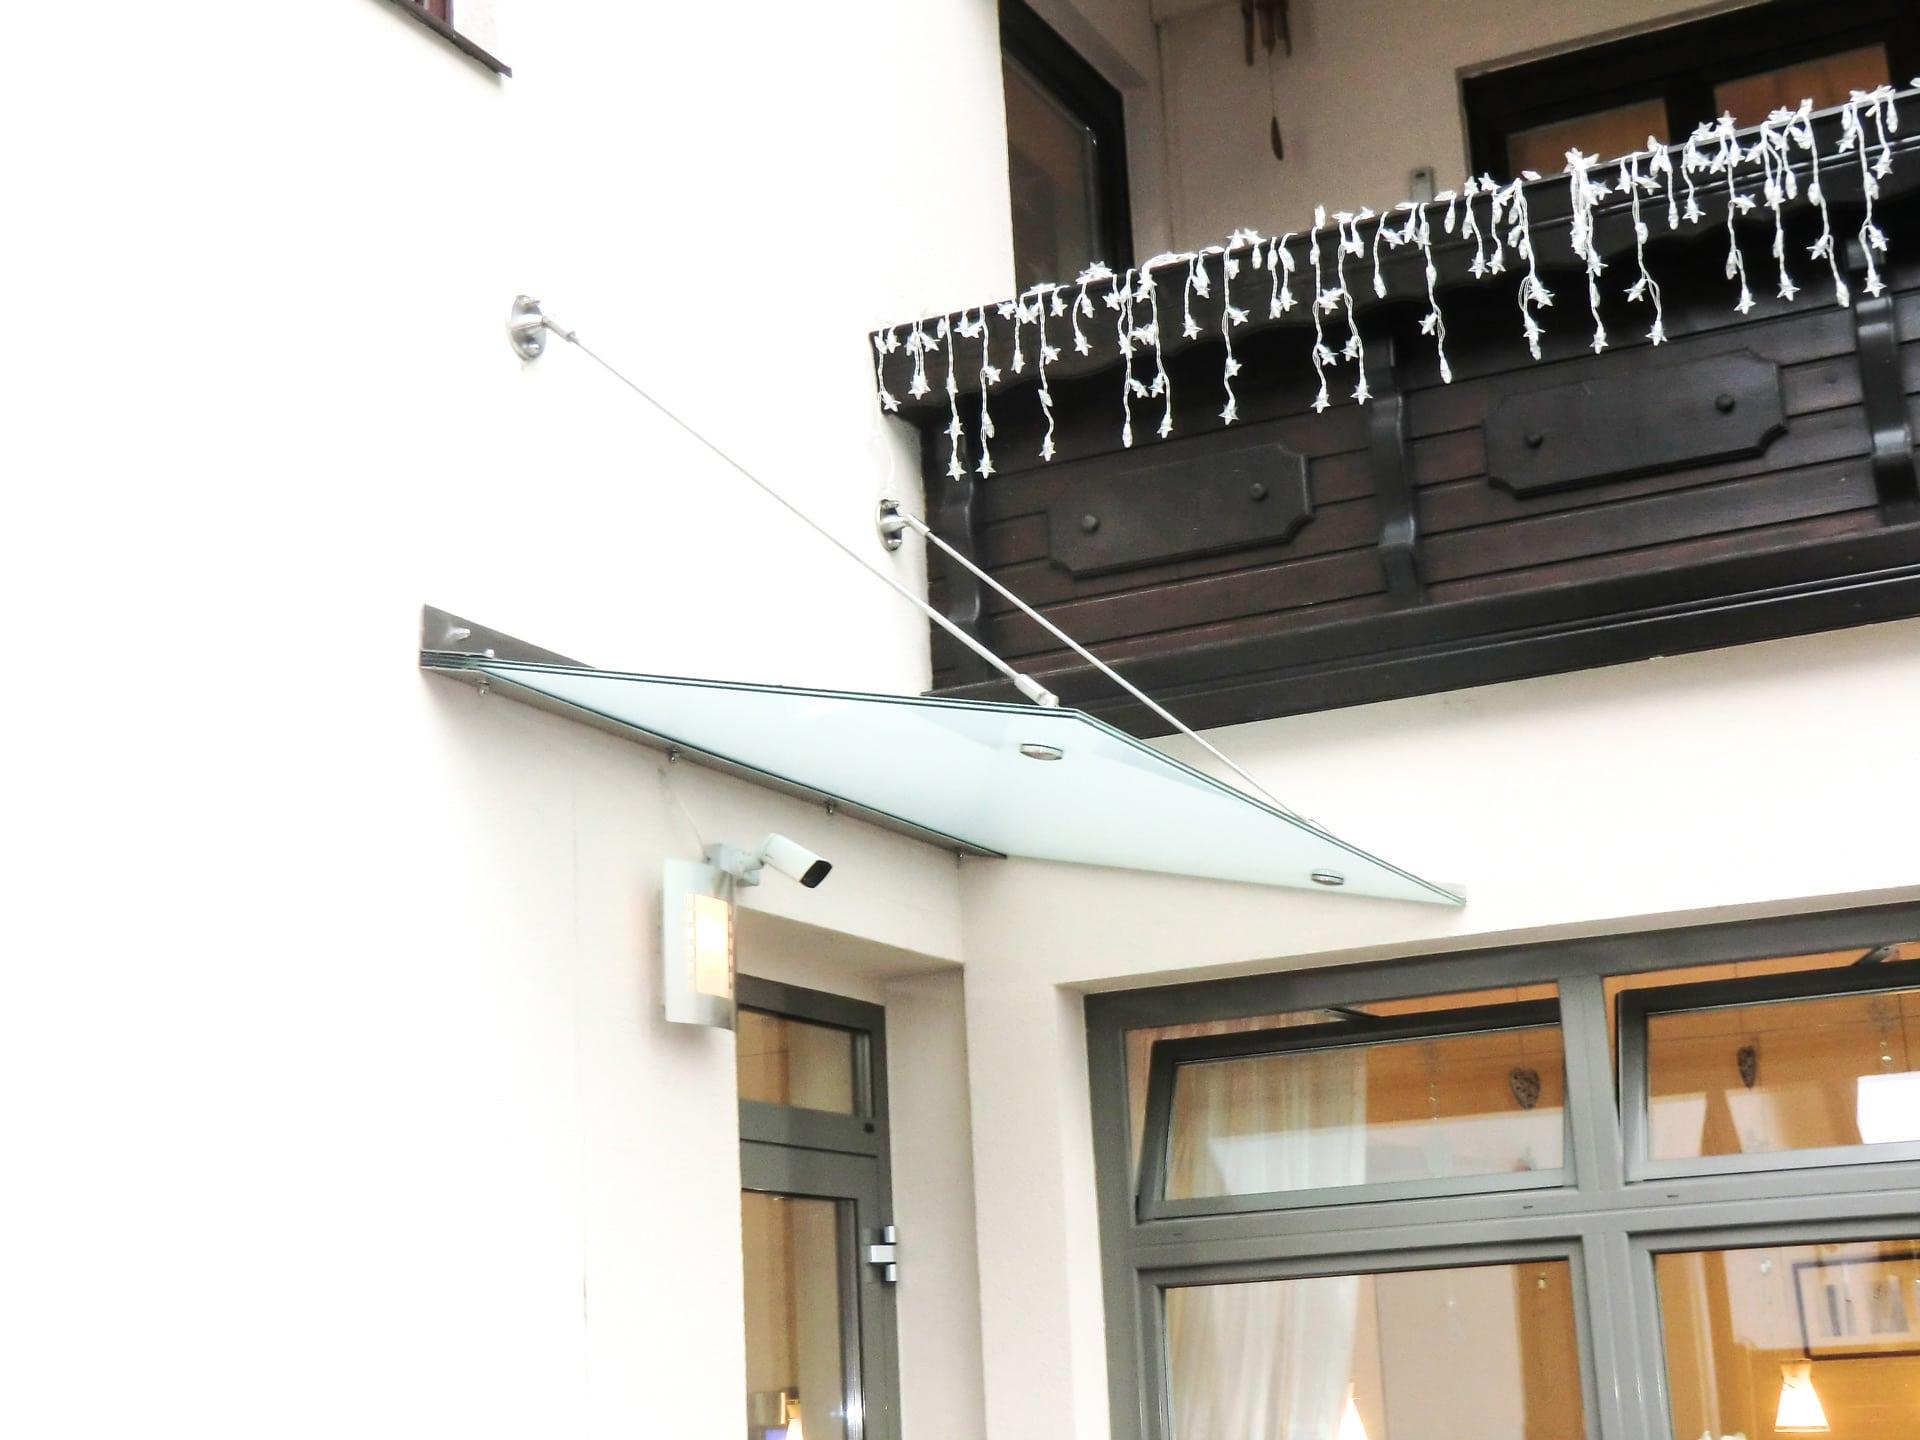 Nurglasvordach 14 | Glasdach bei Haustür aus mattem Glas, Metallwinkel & Wand-Aufhängung | Svoboda